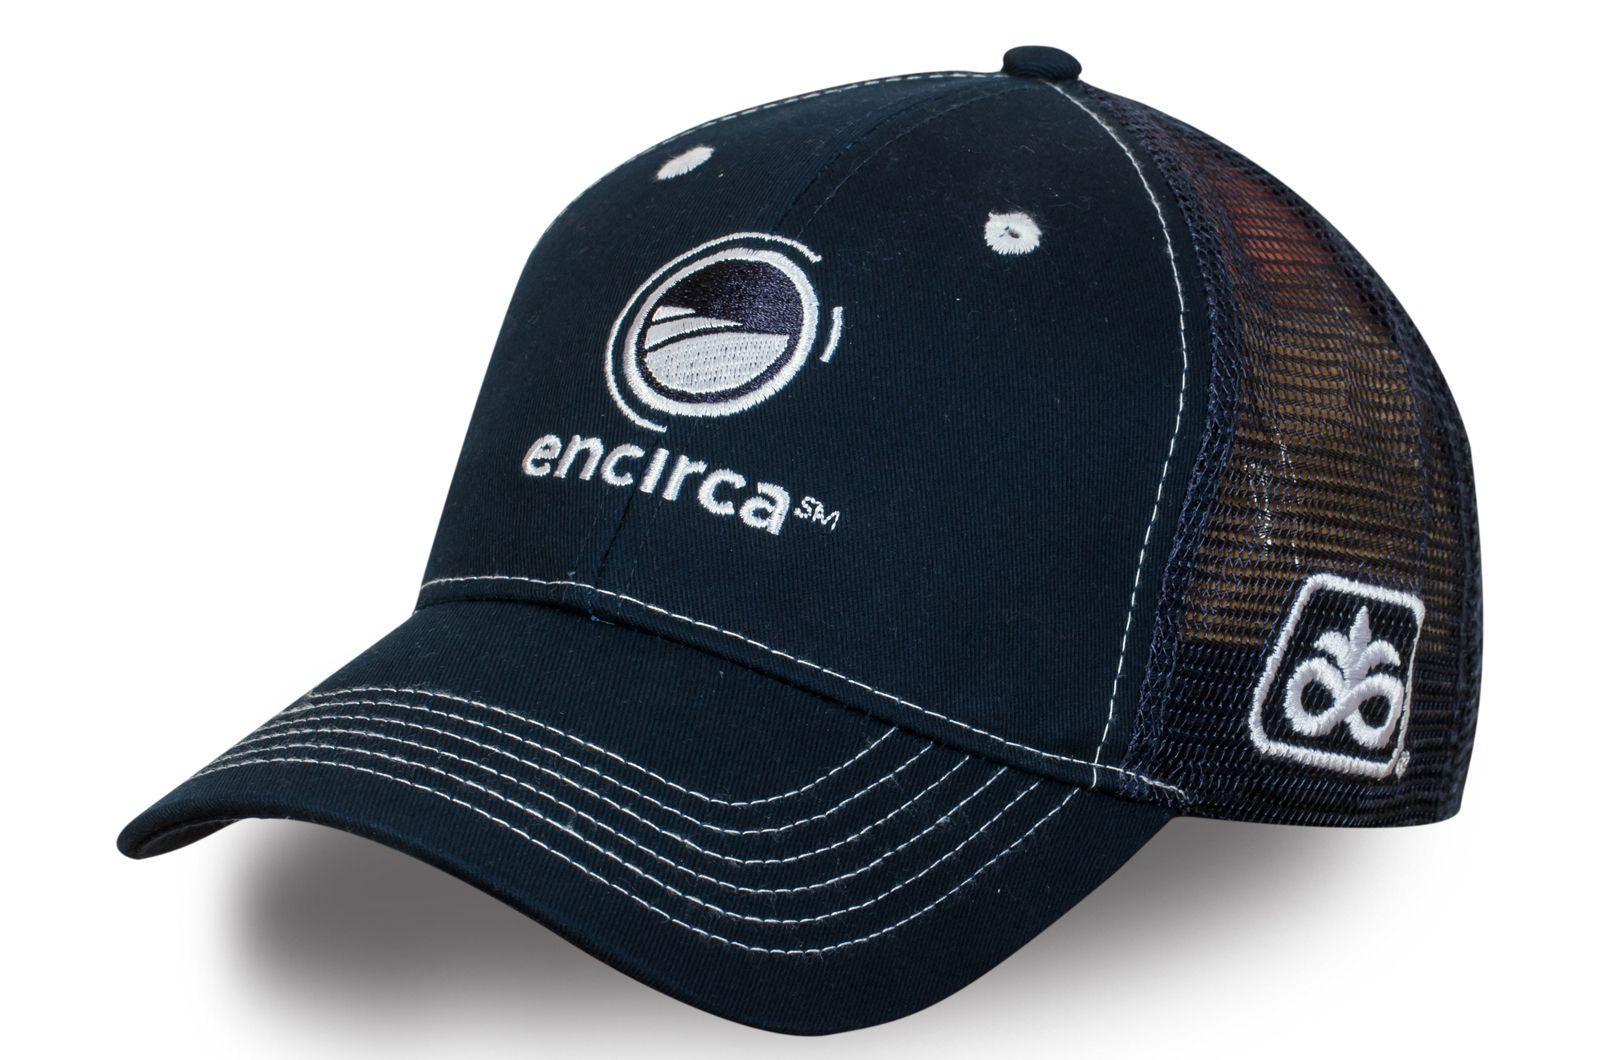 Стильная бейсболка Encirca | Купить стильные мужские бейсболки в Москве